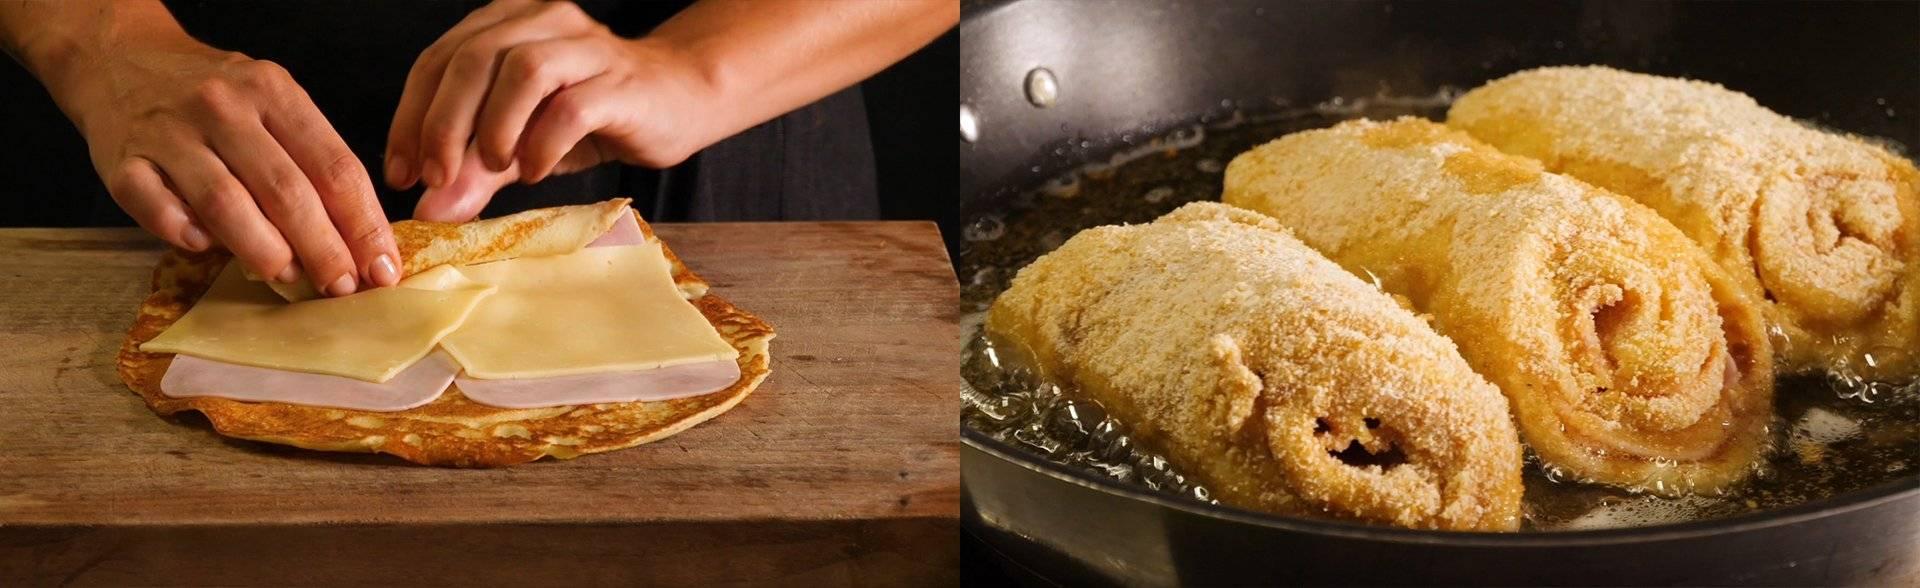 Cooking Catrin kocht für Hütthaler ein Palatschinken Cordon Bleu